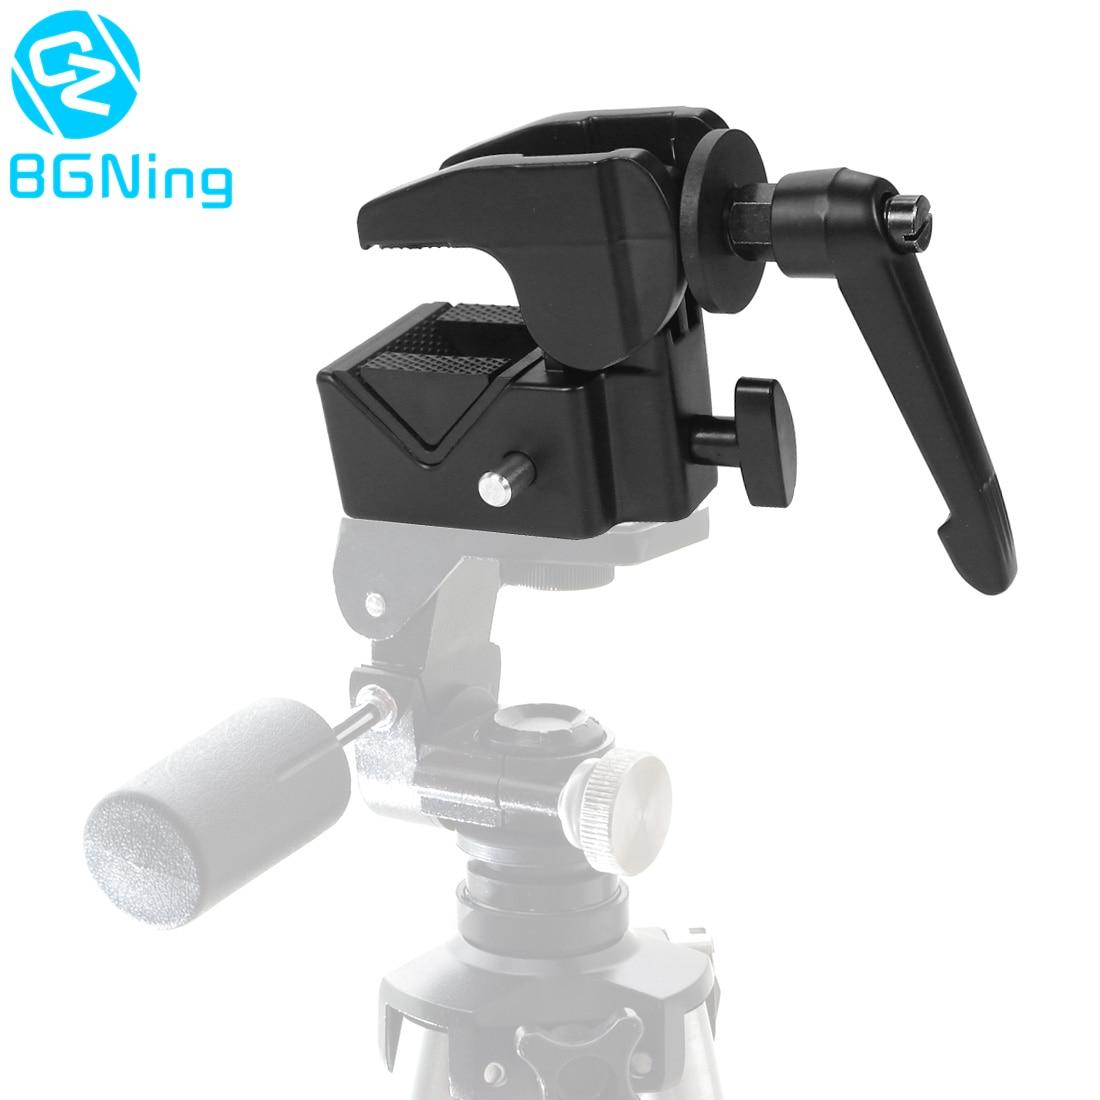 Многофункциональный крепежный зажим для камеры DSLR, зажим для фотостудии из алюминиевого сплава с ЧПУ, суперзажим для Canon, аксессуары для шта...